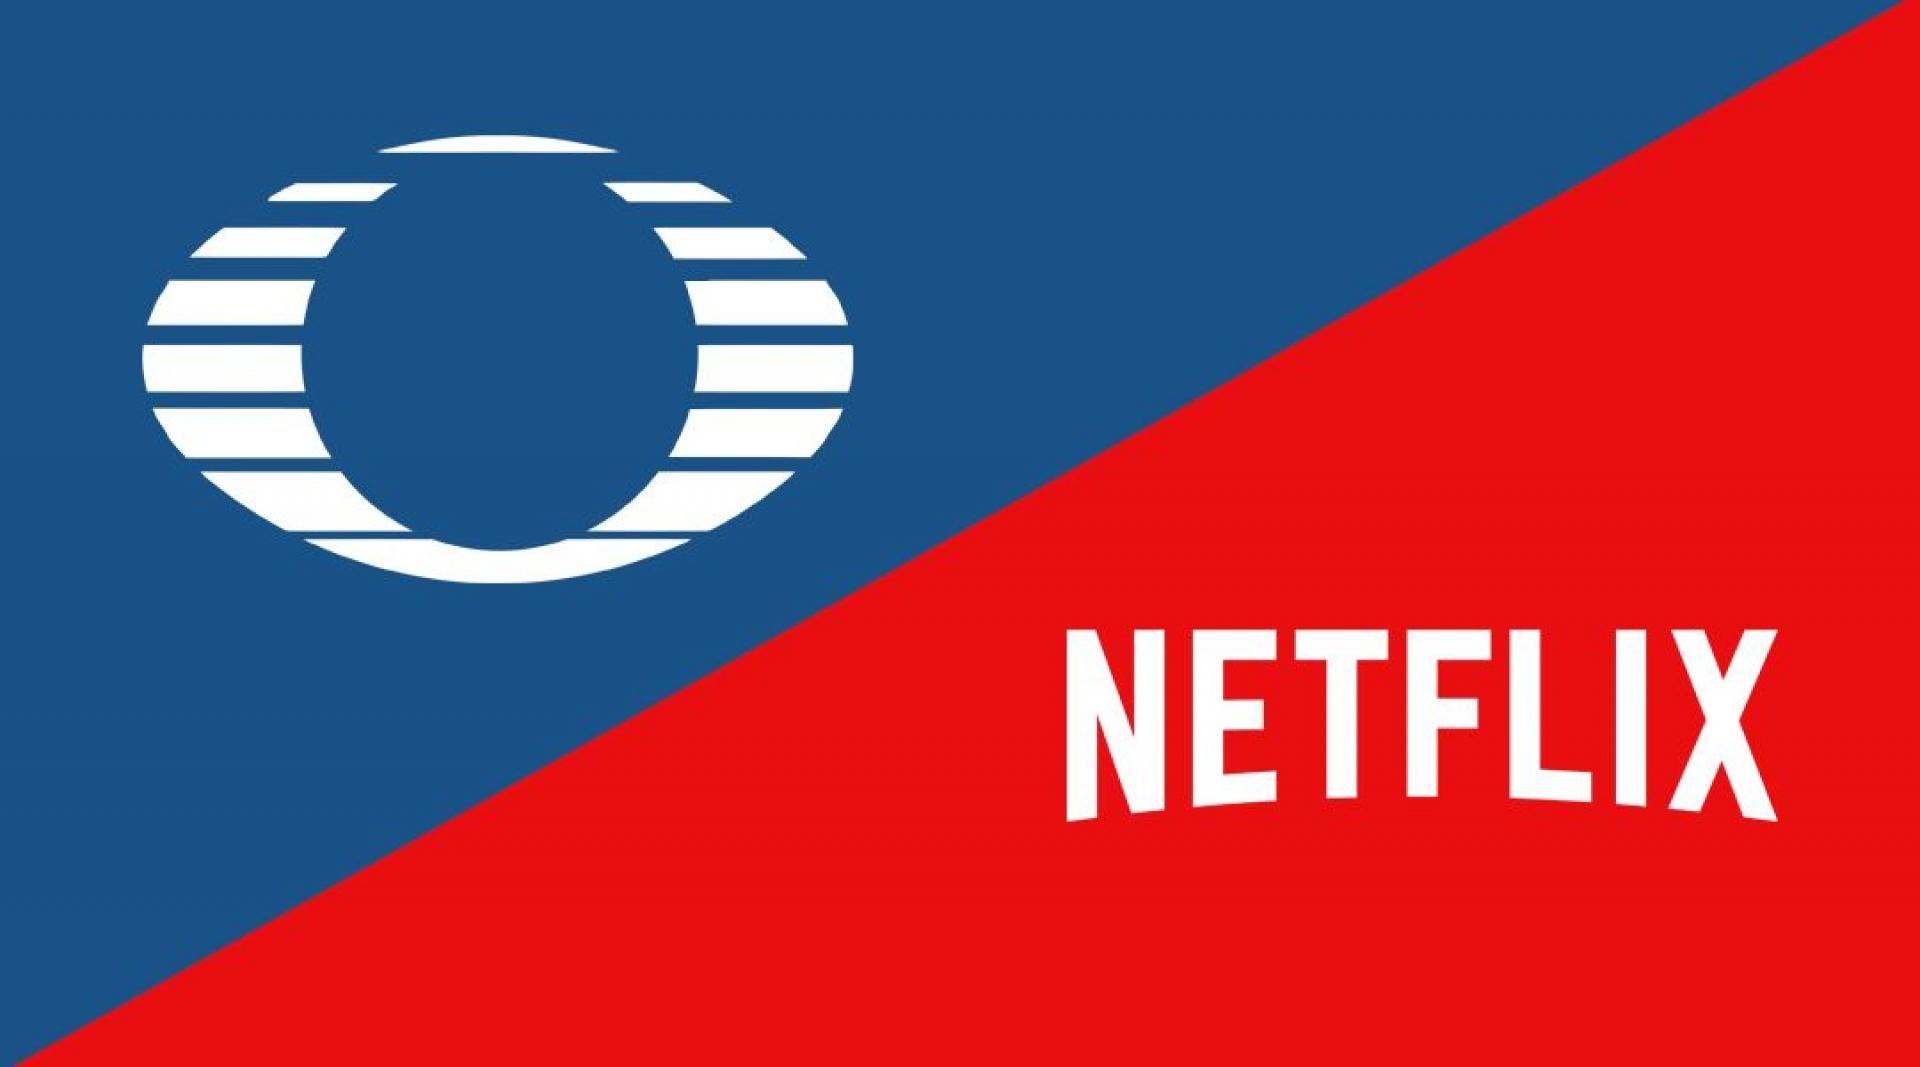 Televisa hará contenido original para Netflix en 2019